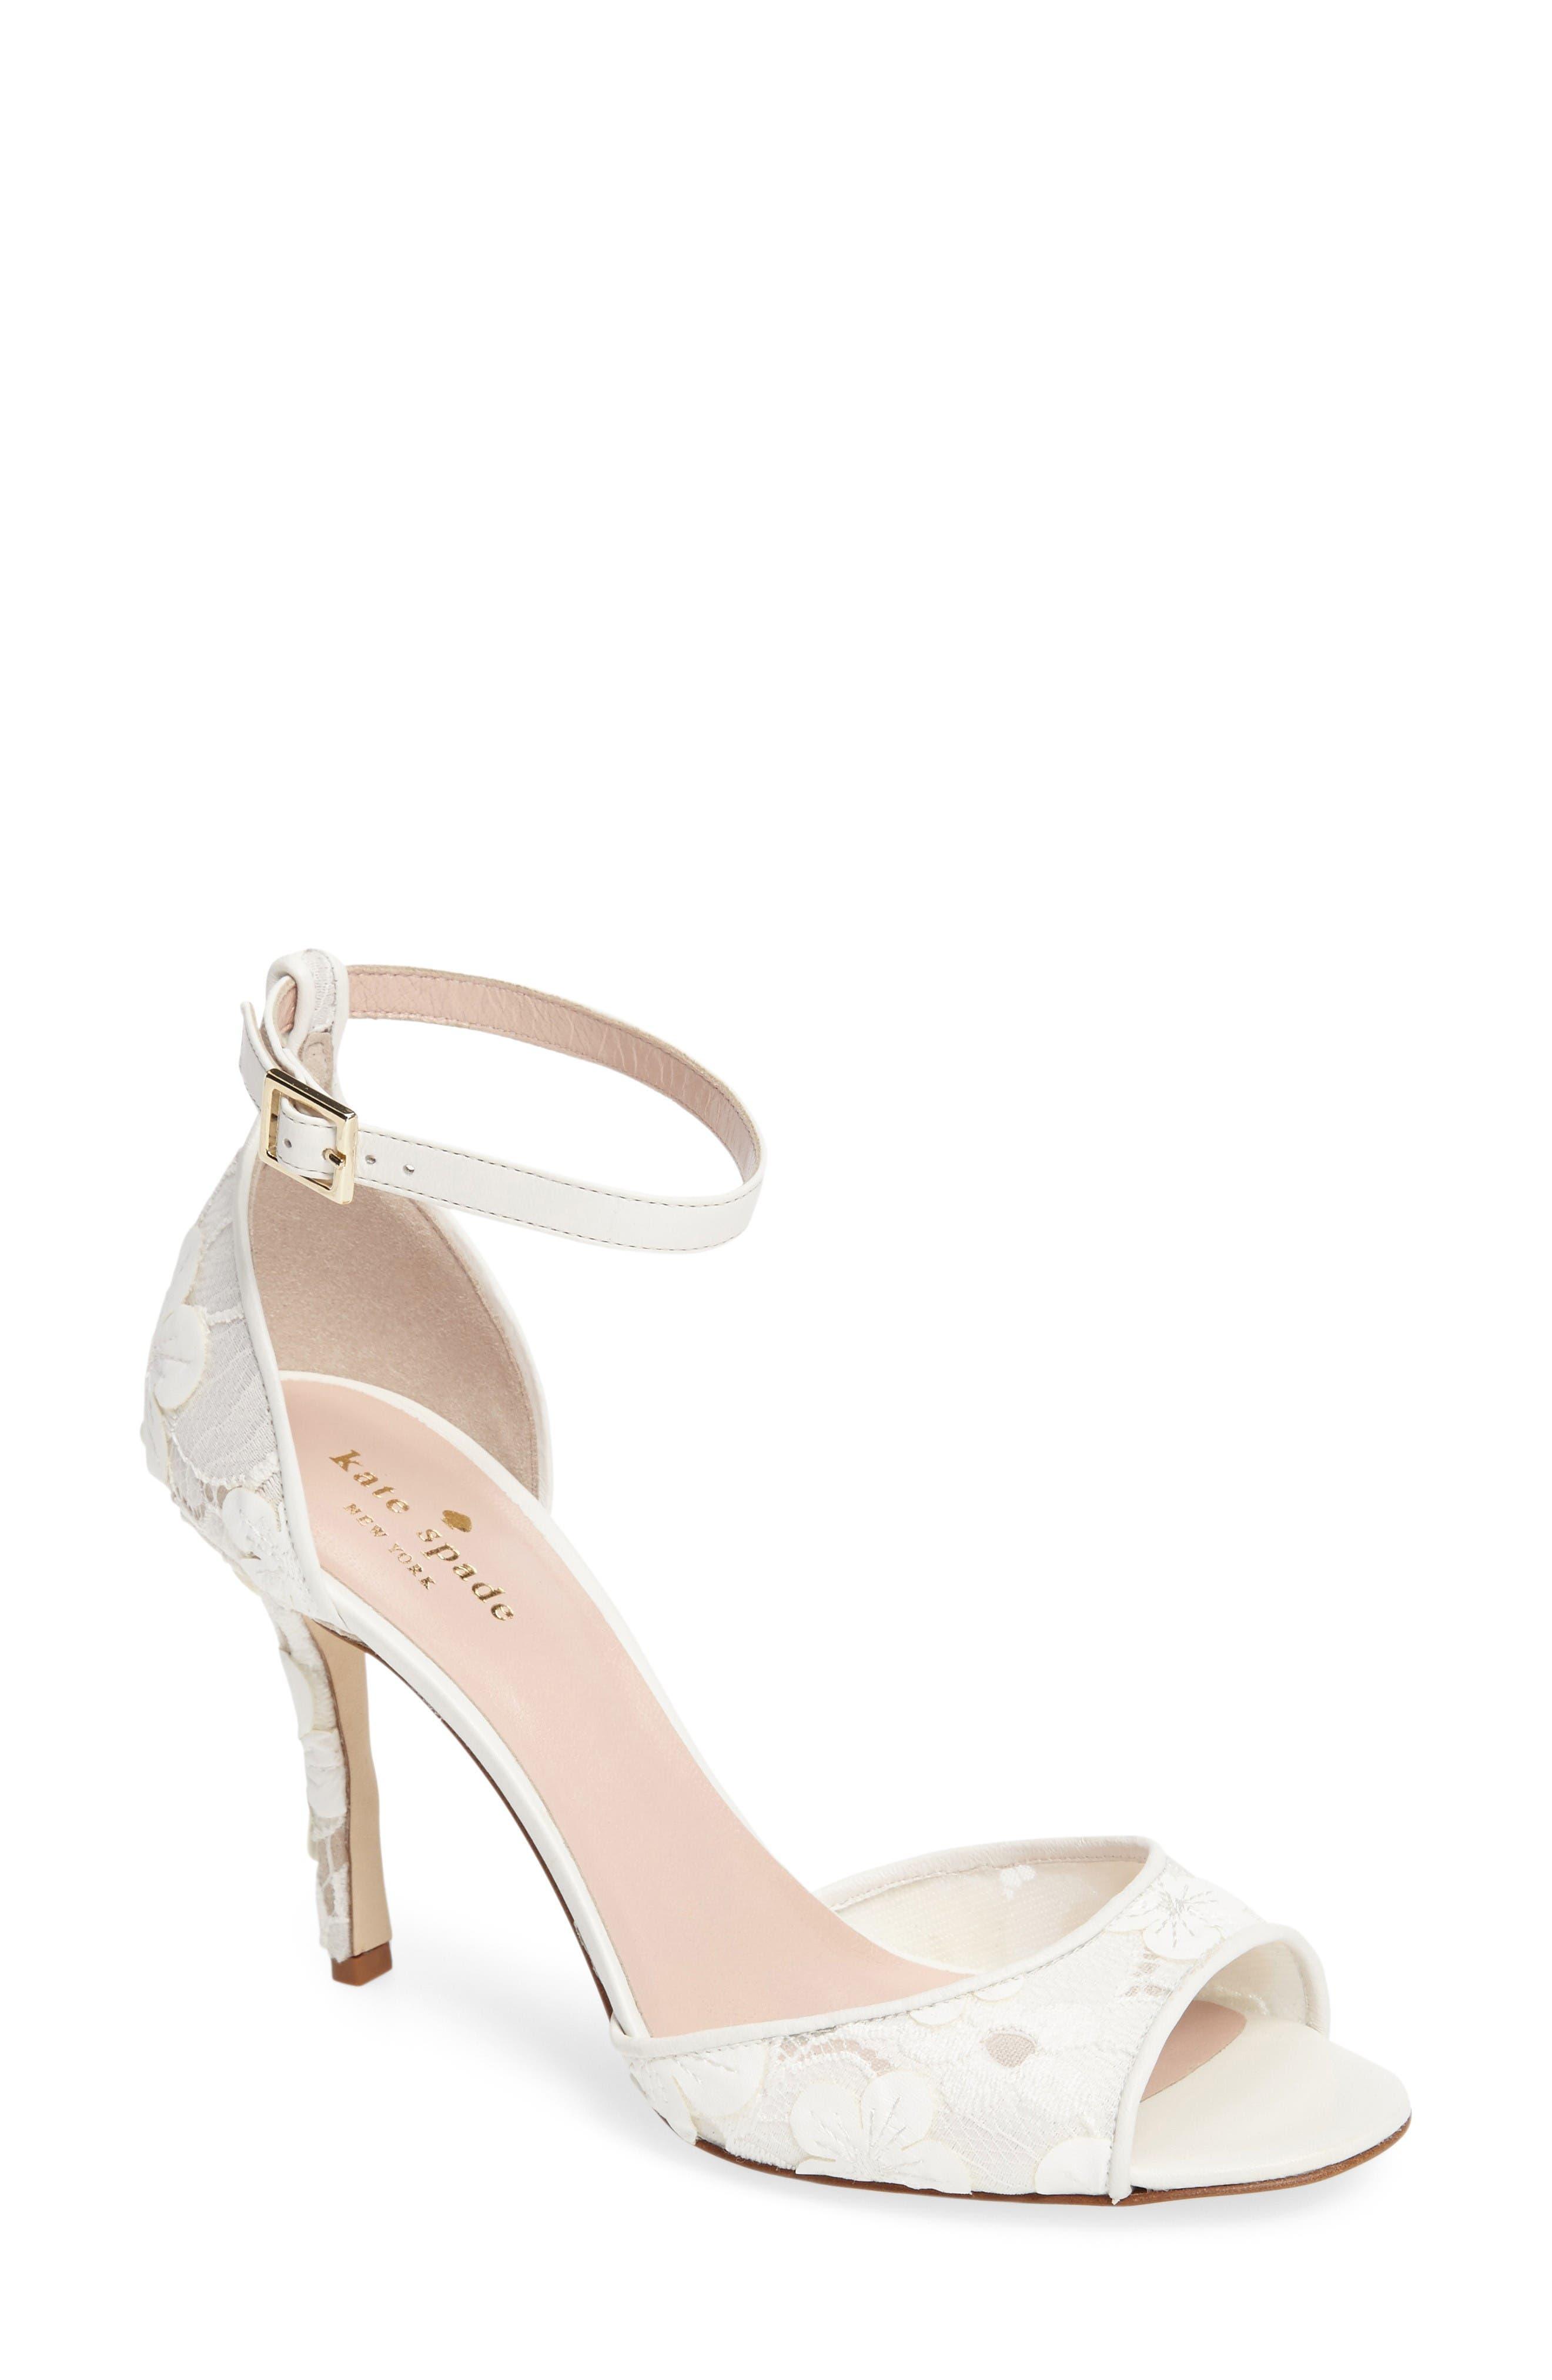 ideline floral lace sandal,                             Main thumbnail 1, color,                             112